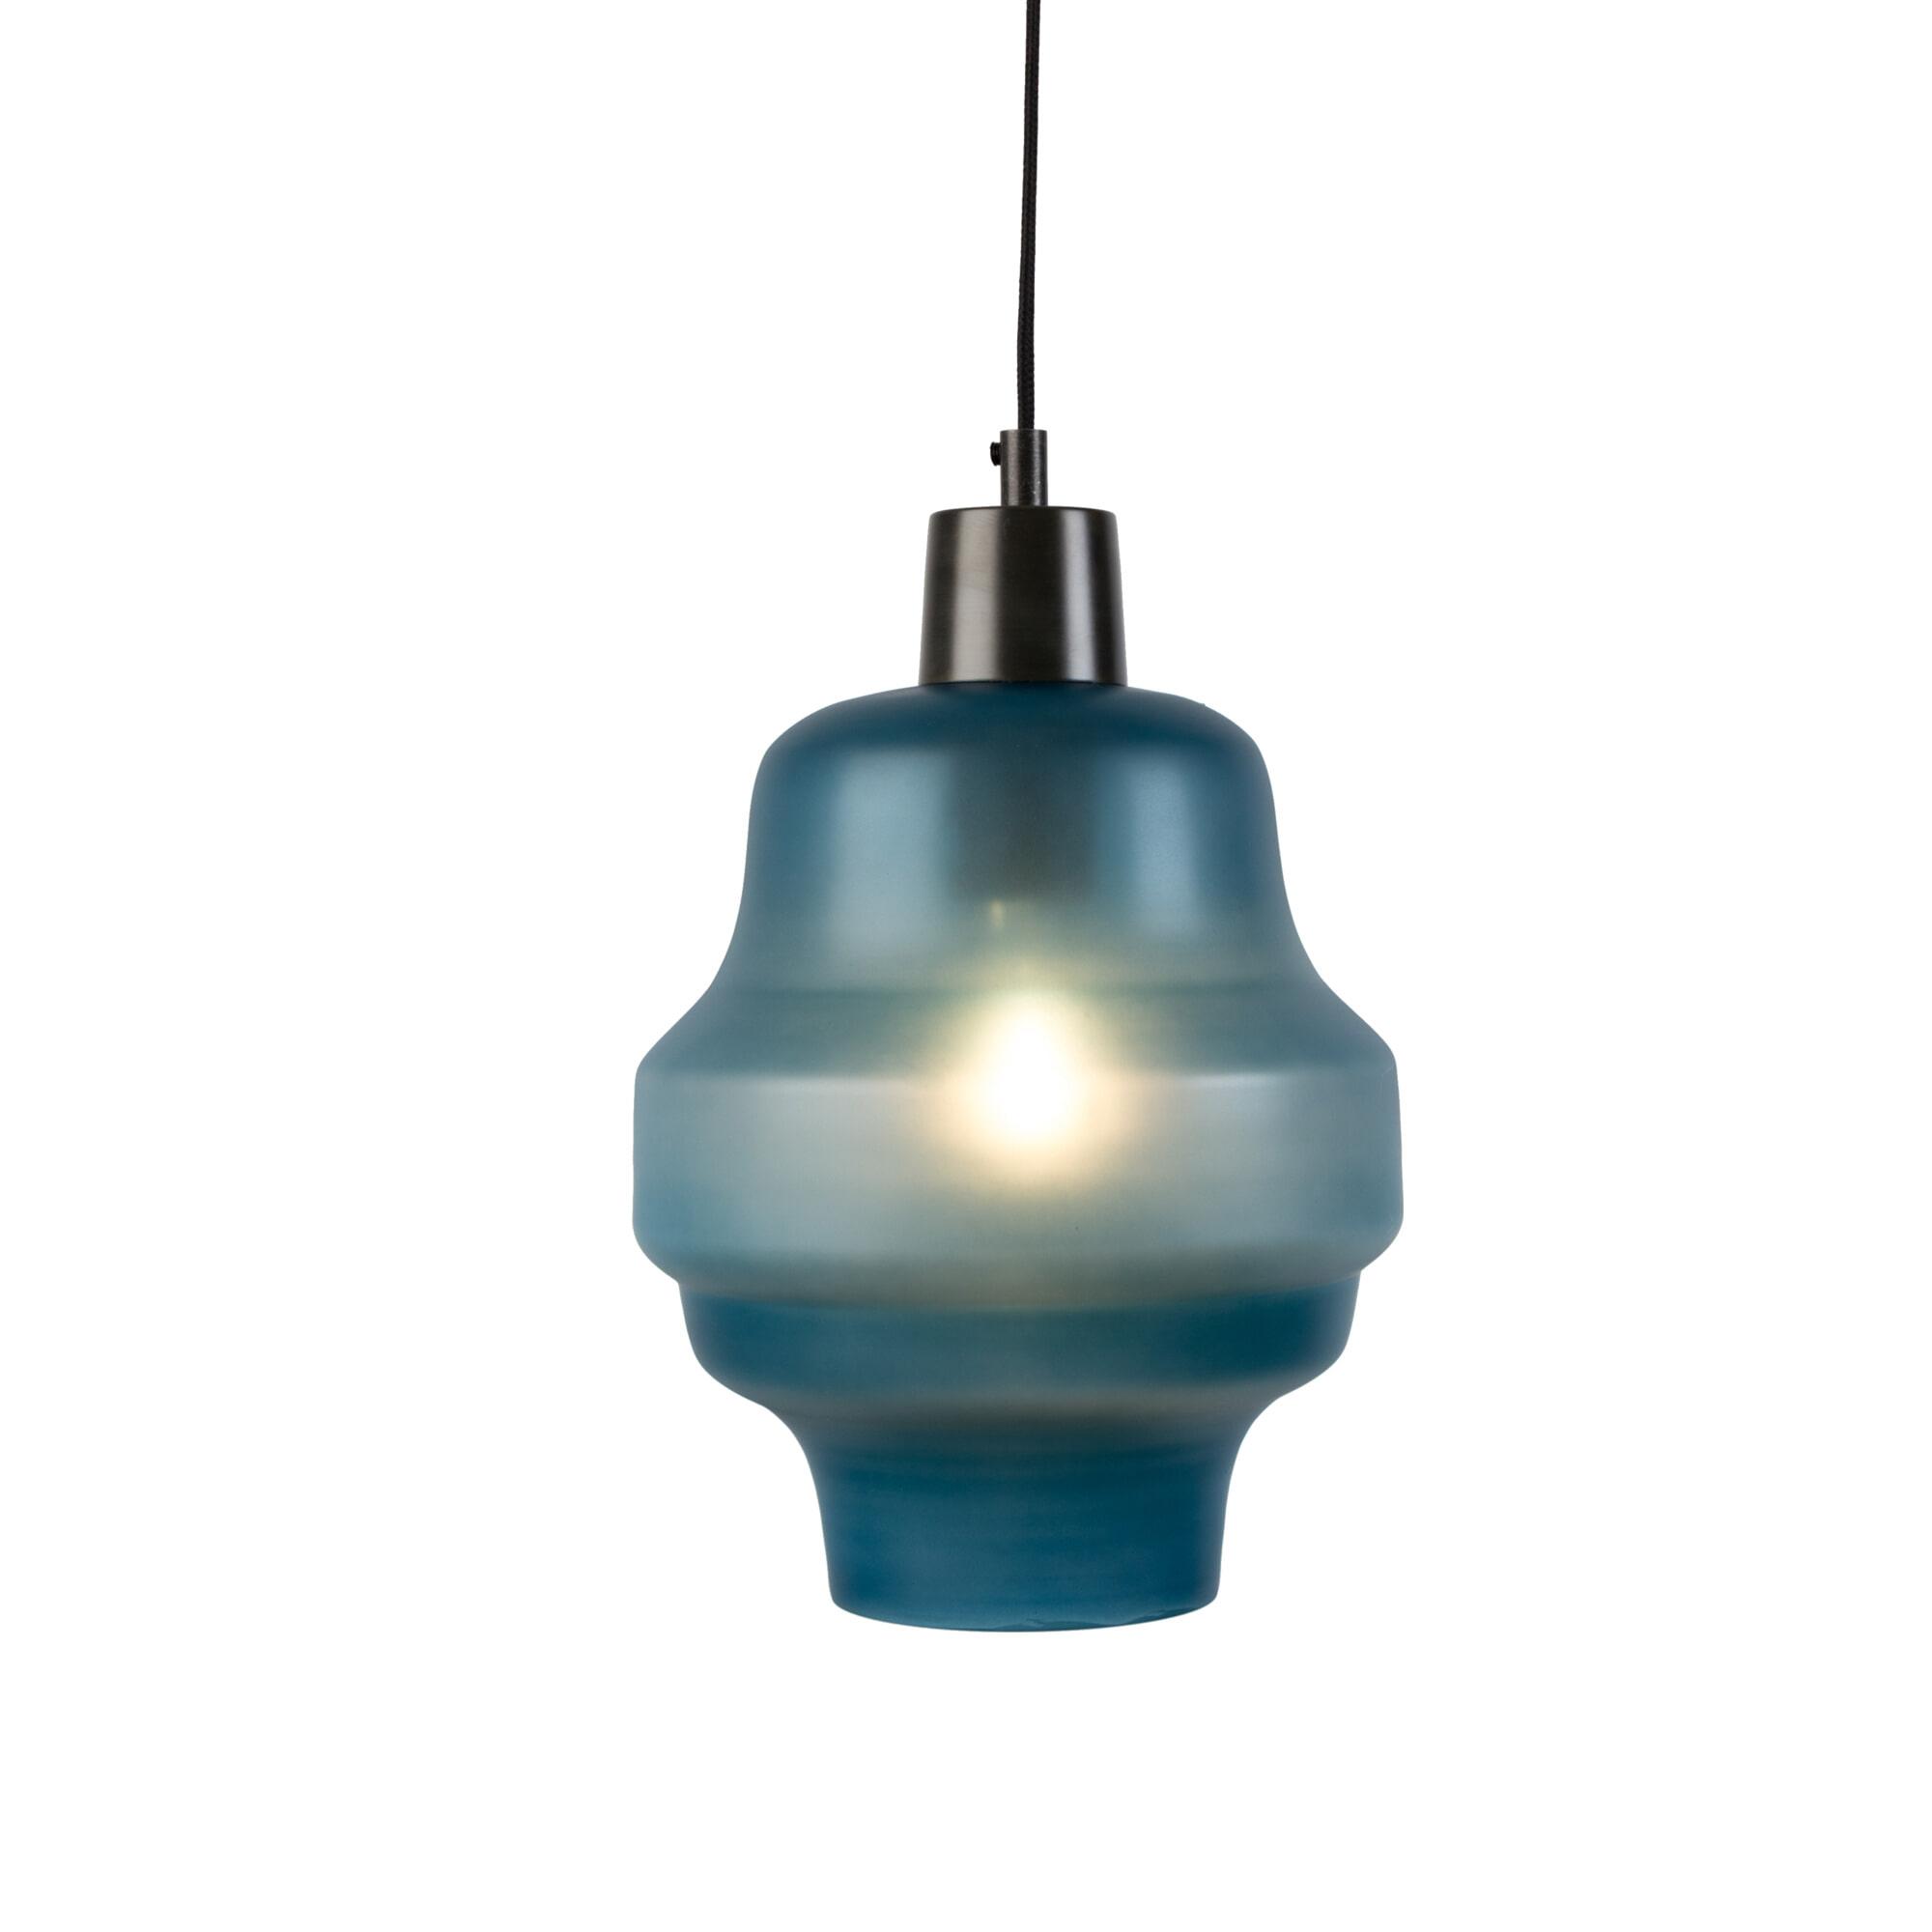 Hanglamp 'Dovydas' 26cm, kleur Blauw